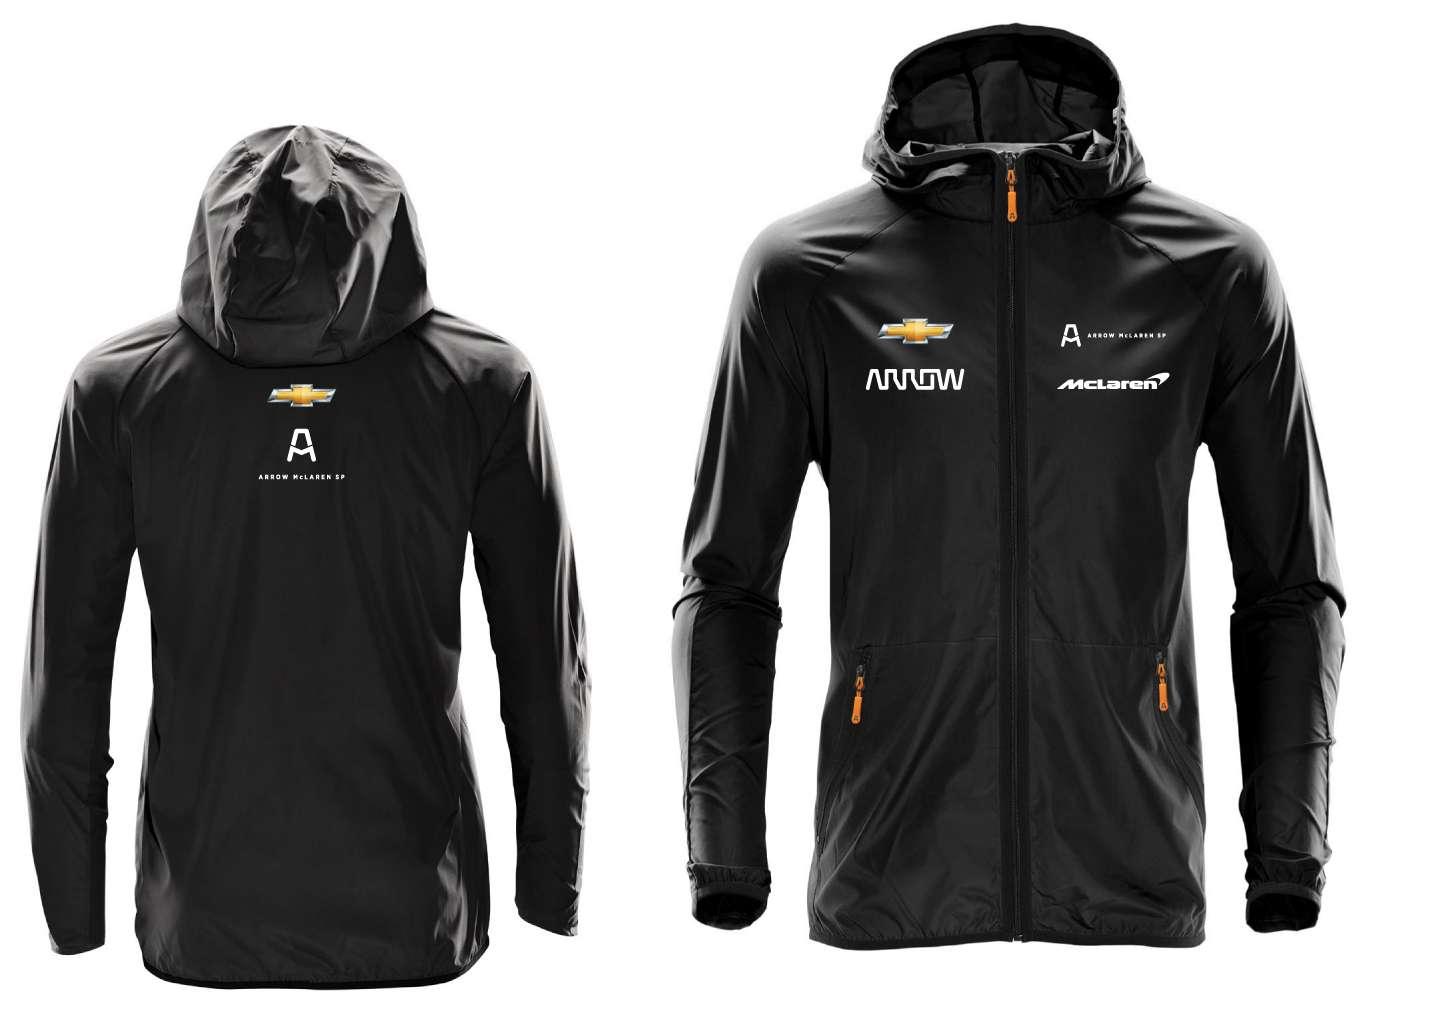 MEDIUM Men's Official Team Rain Jacket